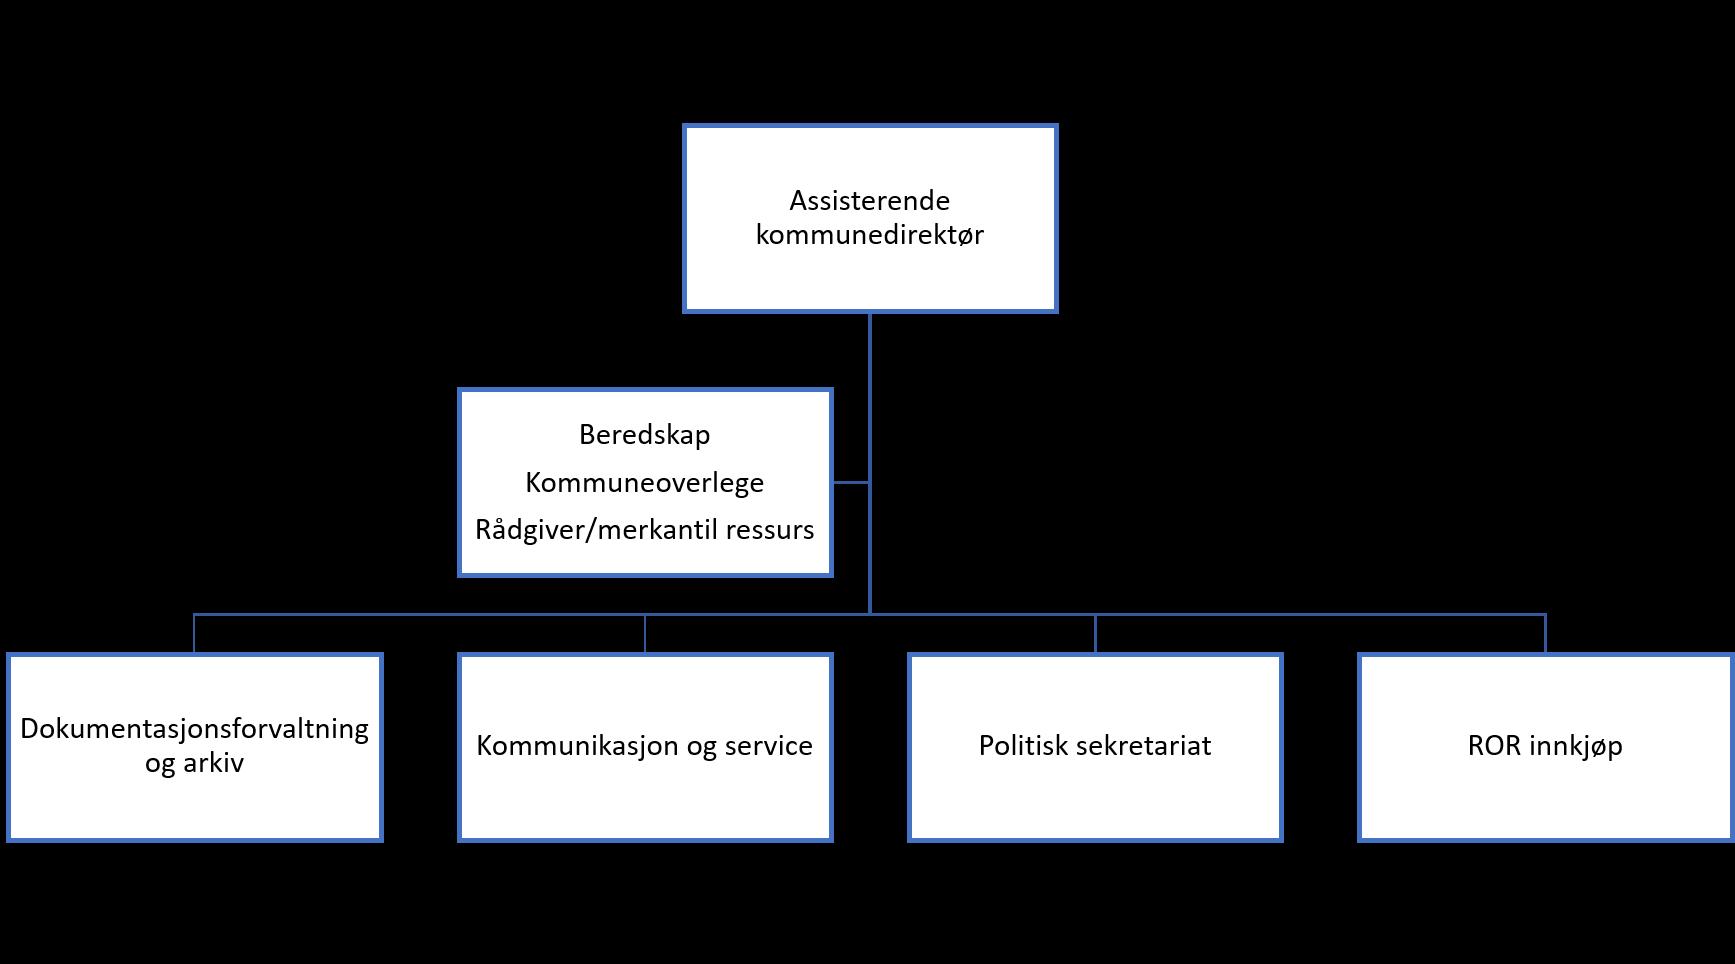 Org_kart_Administrasjonsavdelingen.png